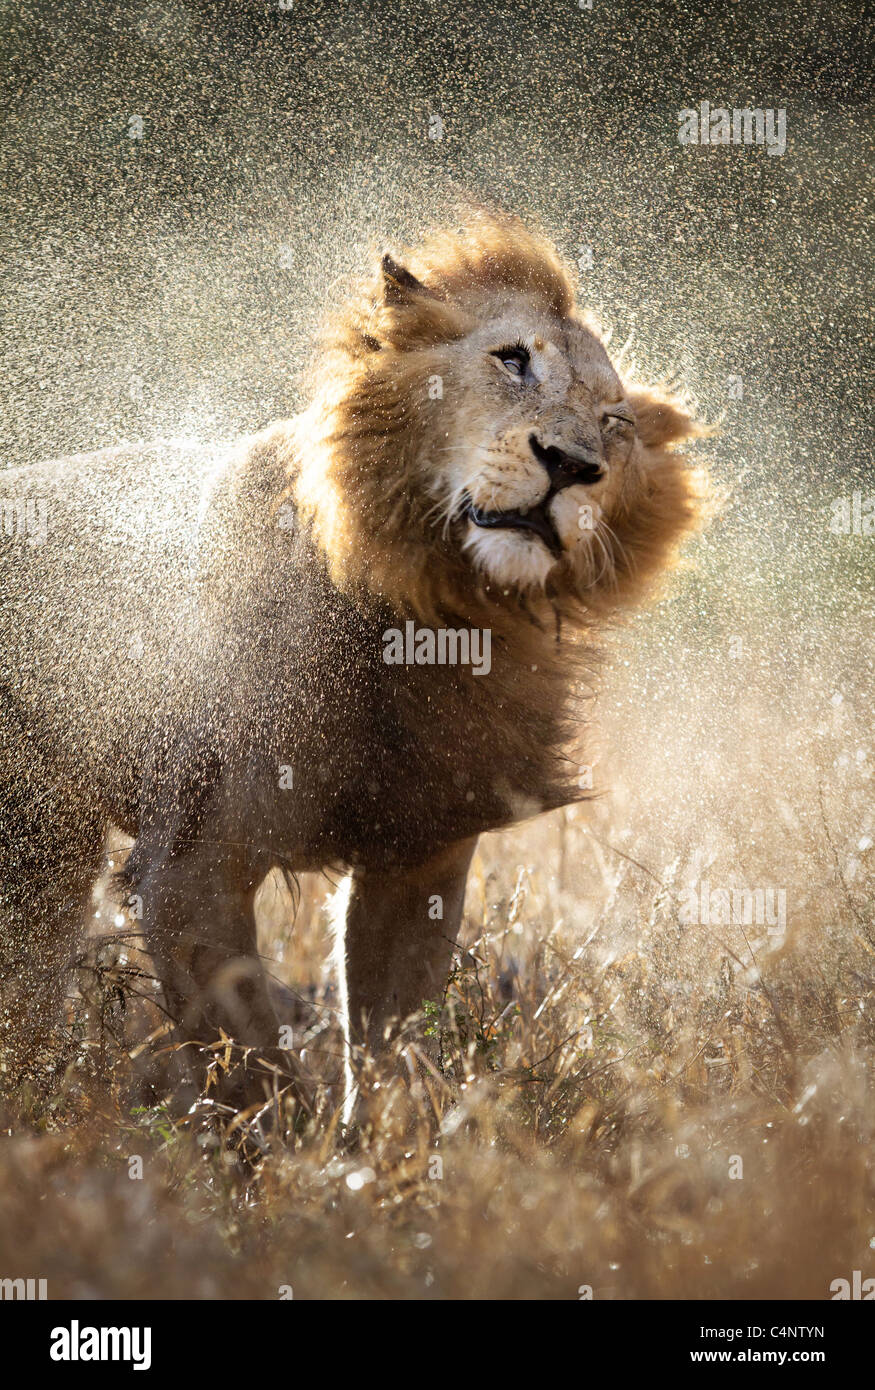 Leone maschio agitando l'acqua dopo un acquazzone - Kruger National Park - Sud Africa Immagini Stock